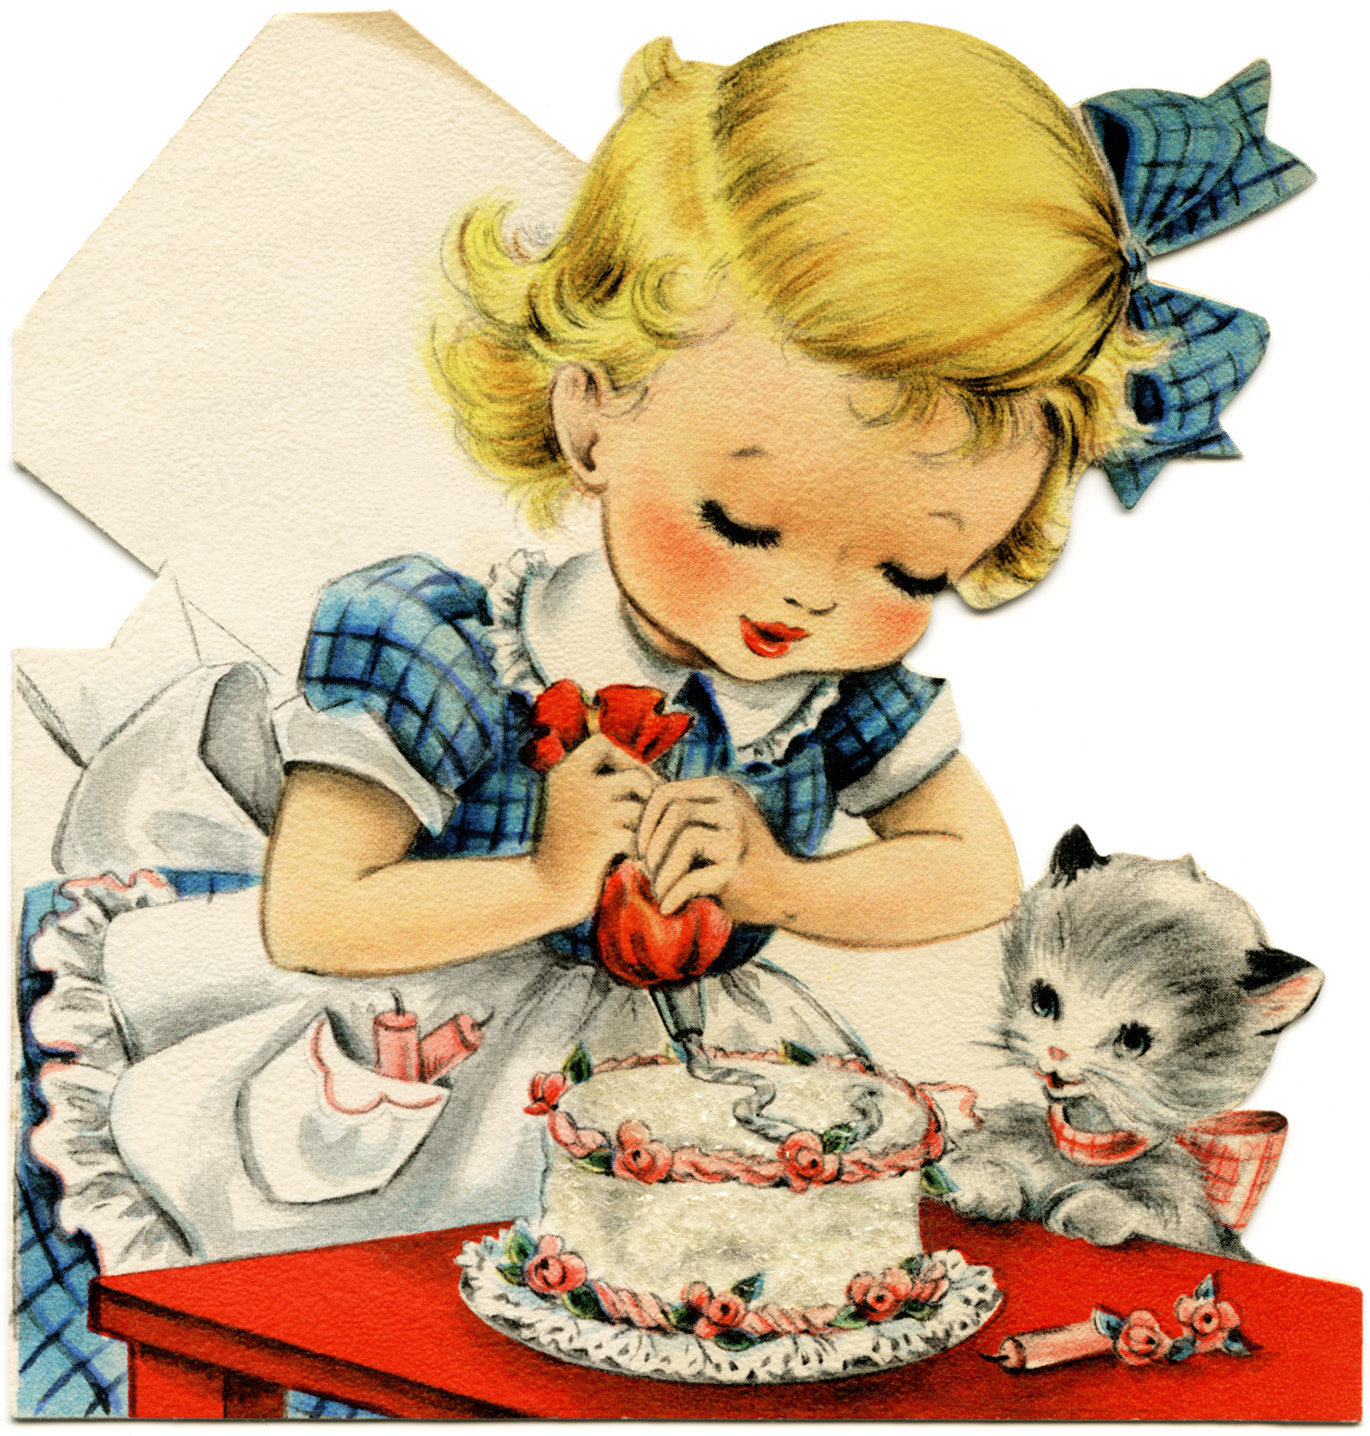 Открытки тортом, с днем рождения девочке старые открытки